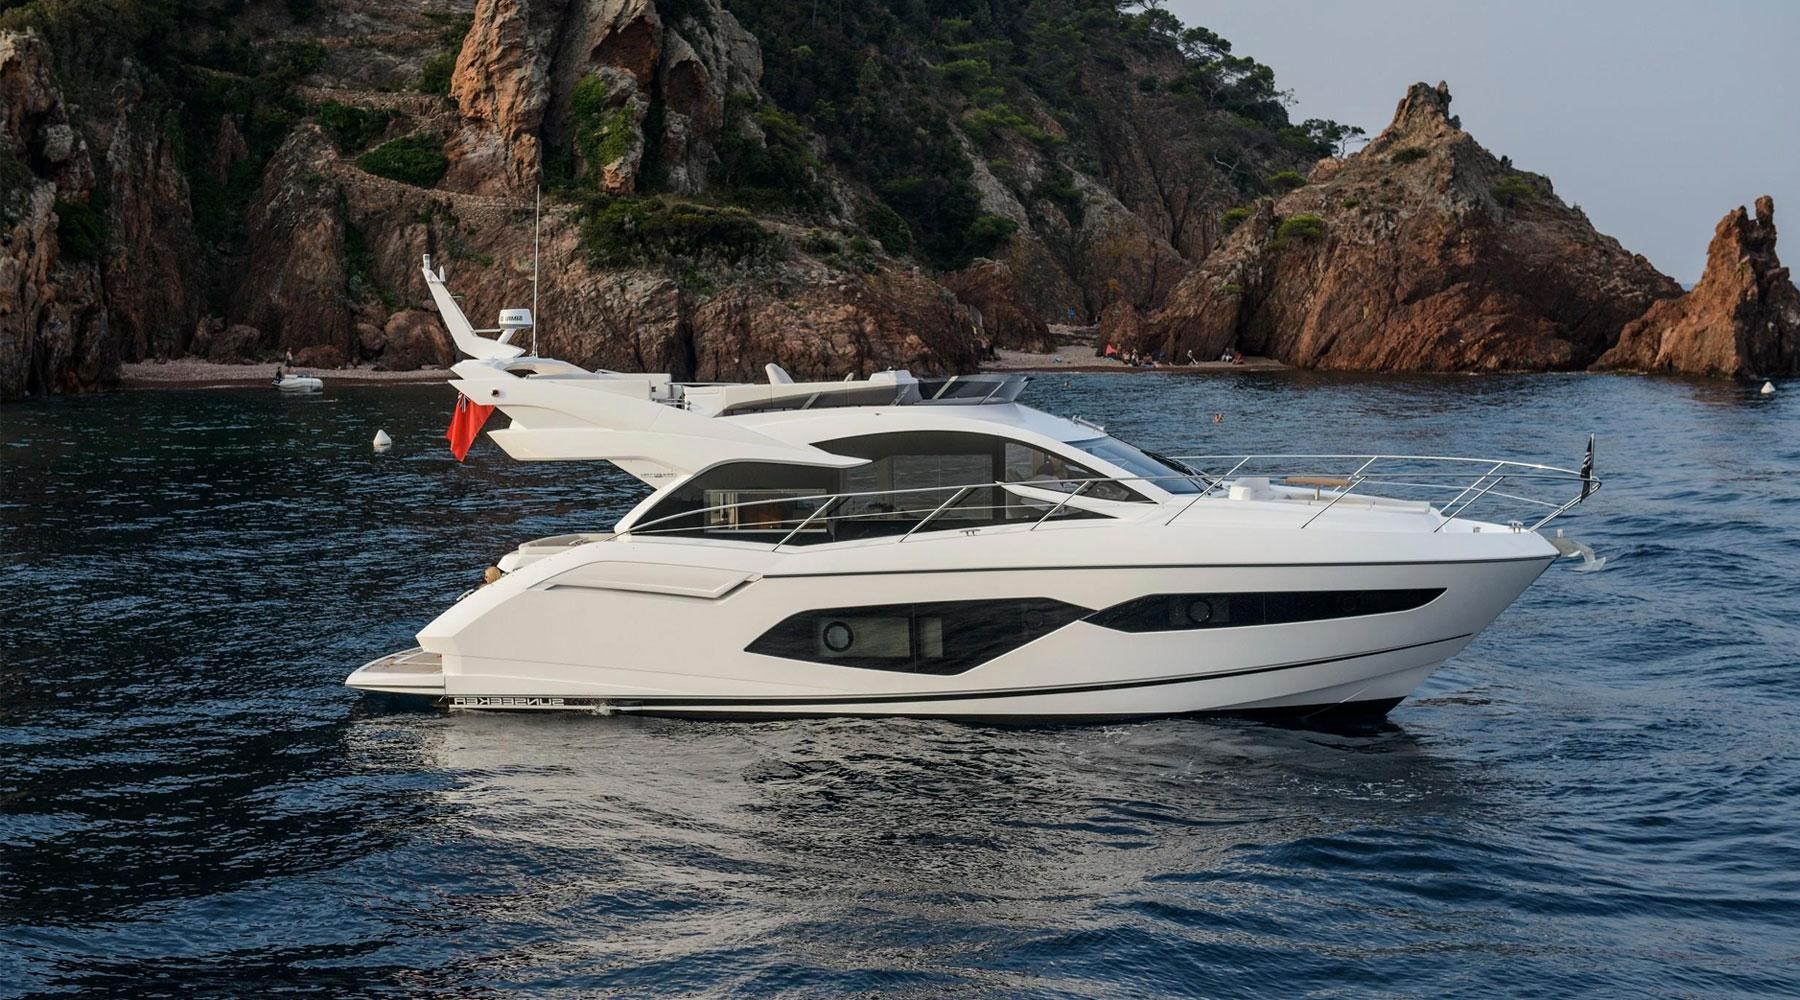 8 Flybridge Yachts Under 60 Feet Always In Demand